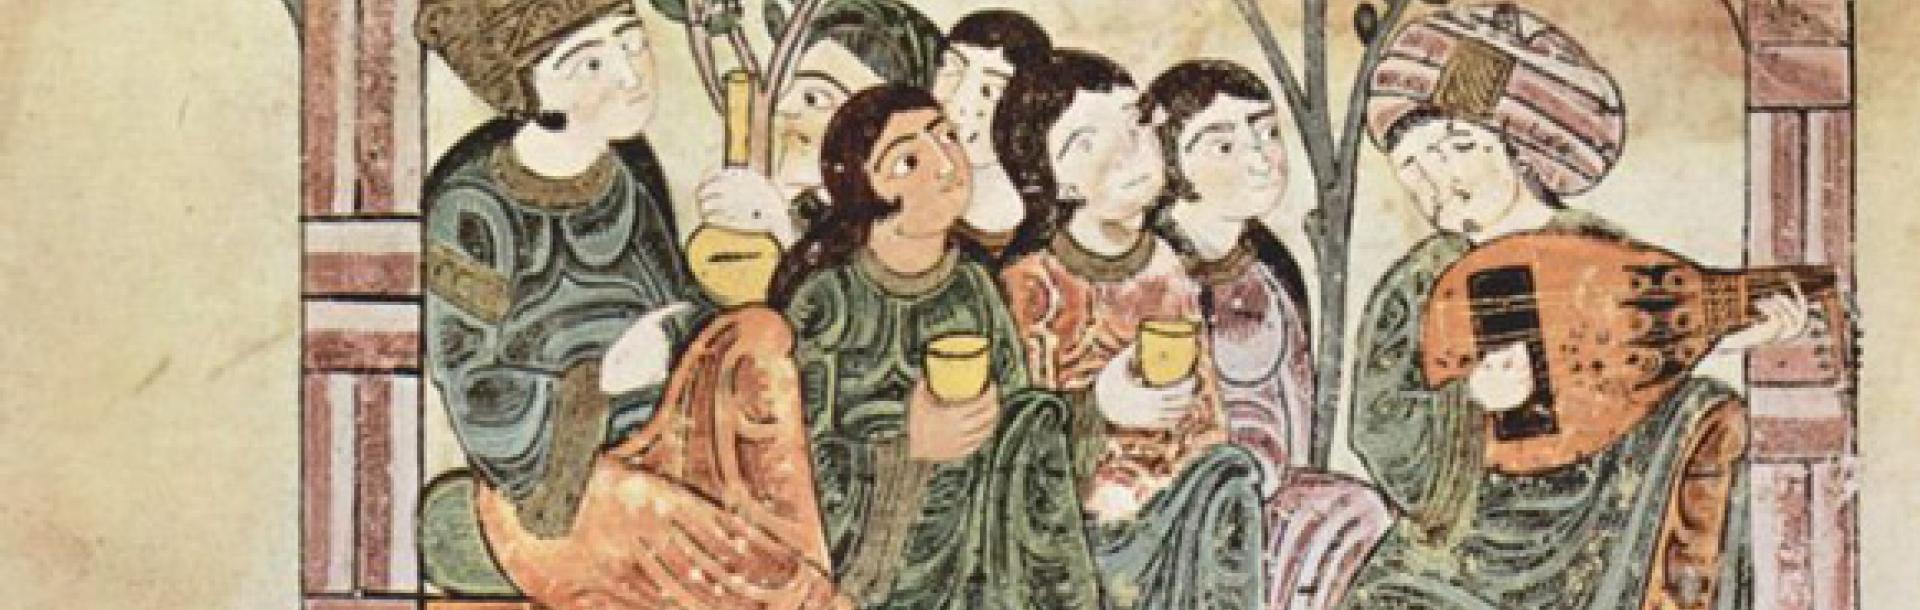 מג'לס, איור מן המאה ה-13